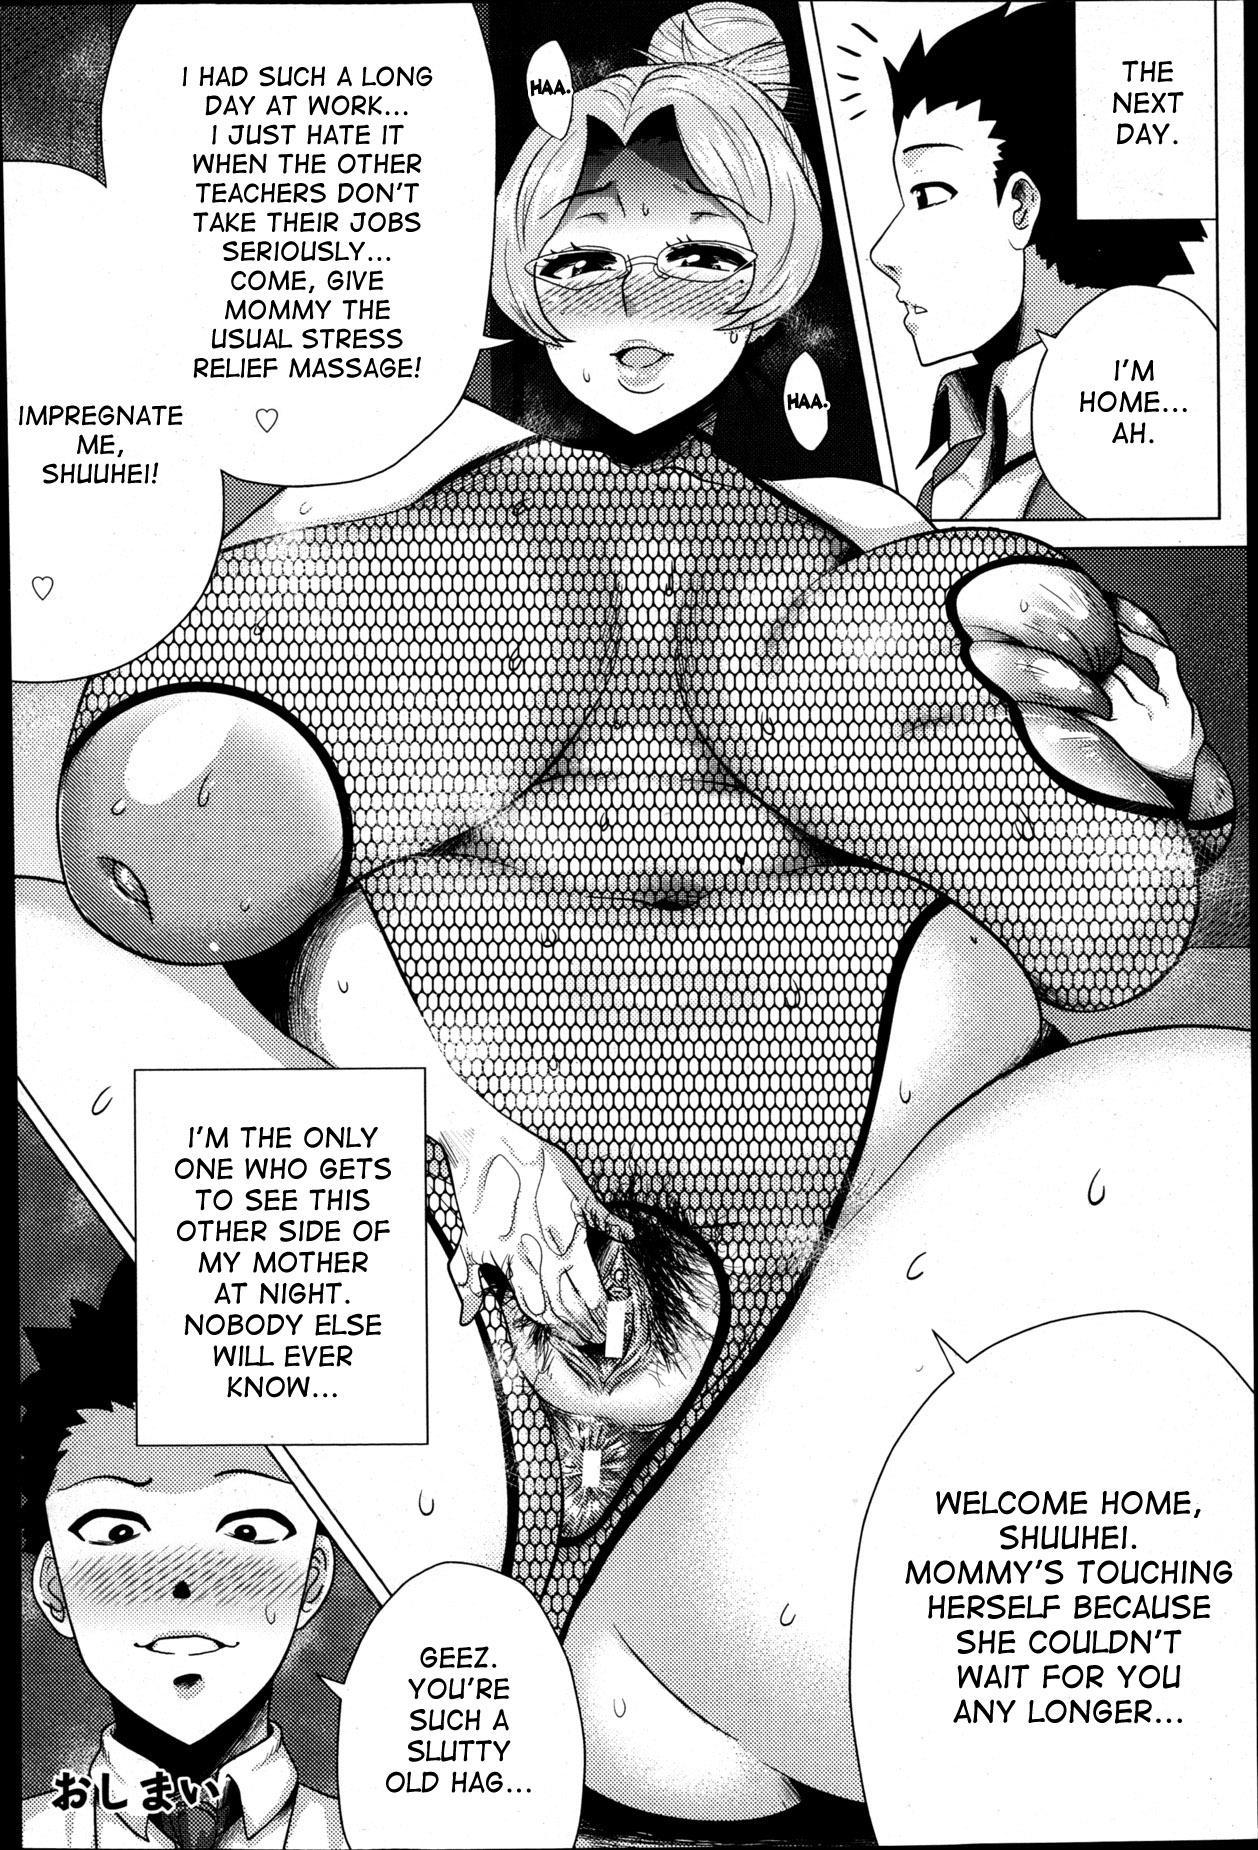 [Yokkora] Megabody Night ~Watashi no Oniku wo Meshiagare~ | Megabody Night ~My voluptuous body & mom love~ [English] {Laruffi + desudesu + EHCOVE} 108